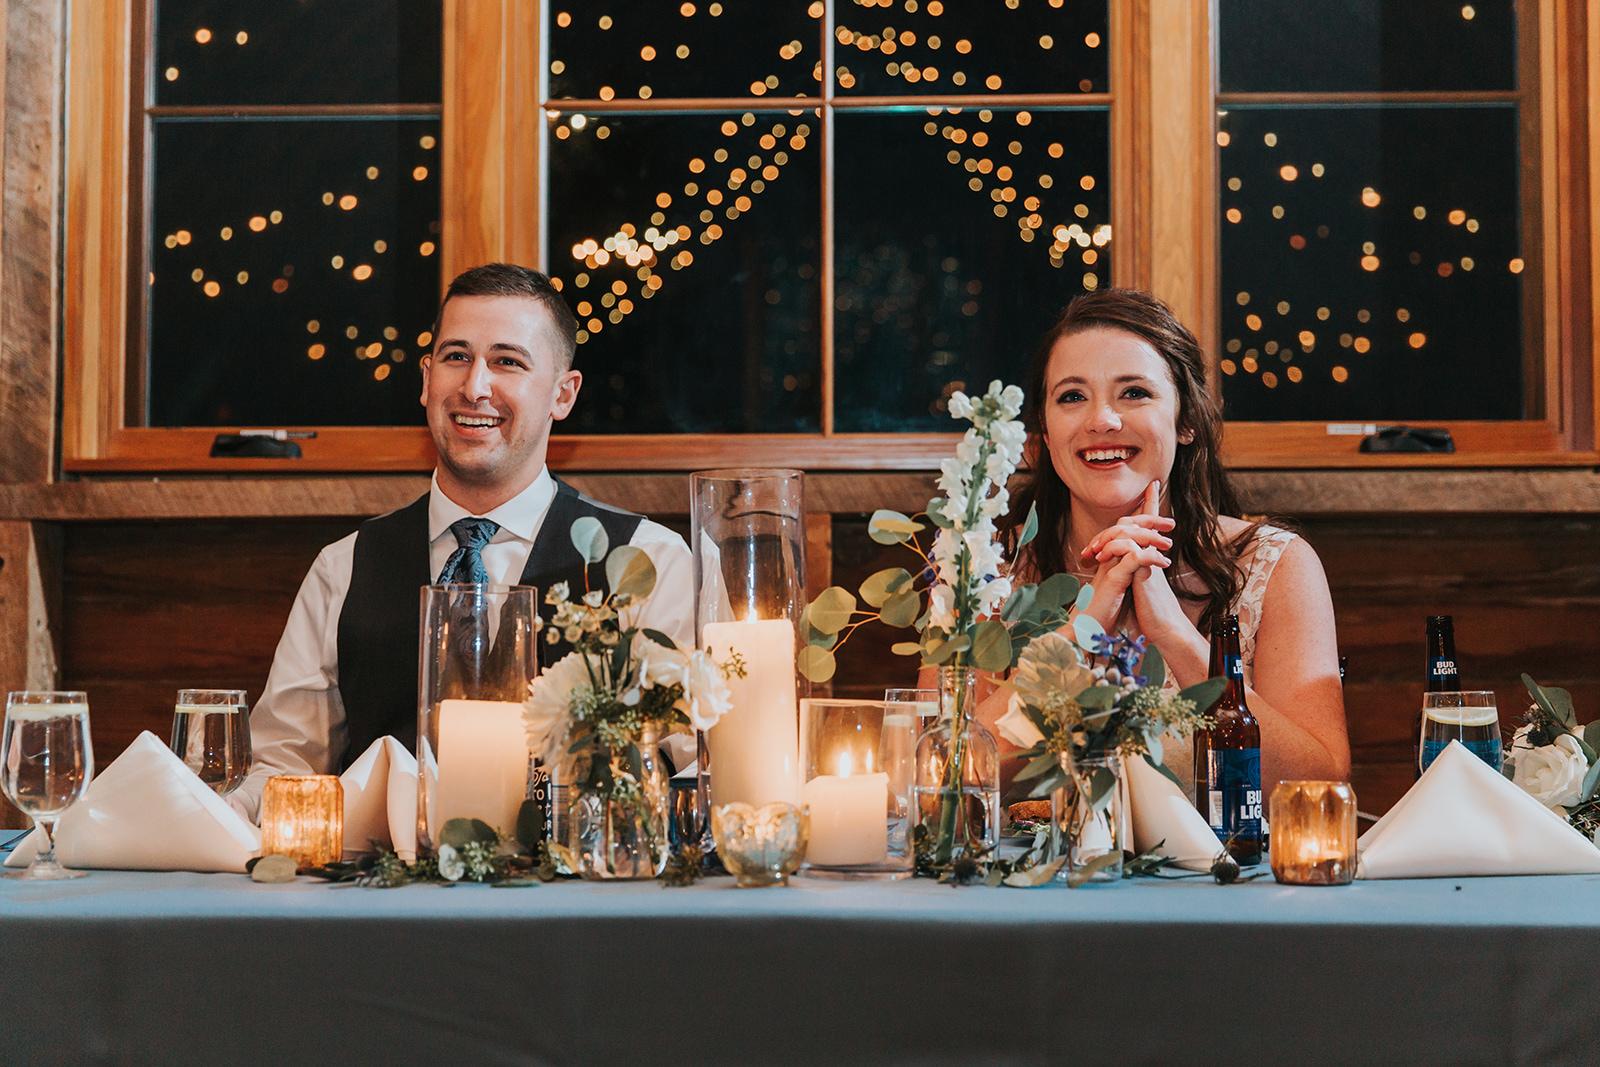 brielle-davis-events-48-fields-wedding-toasts.jpg